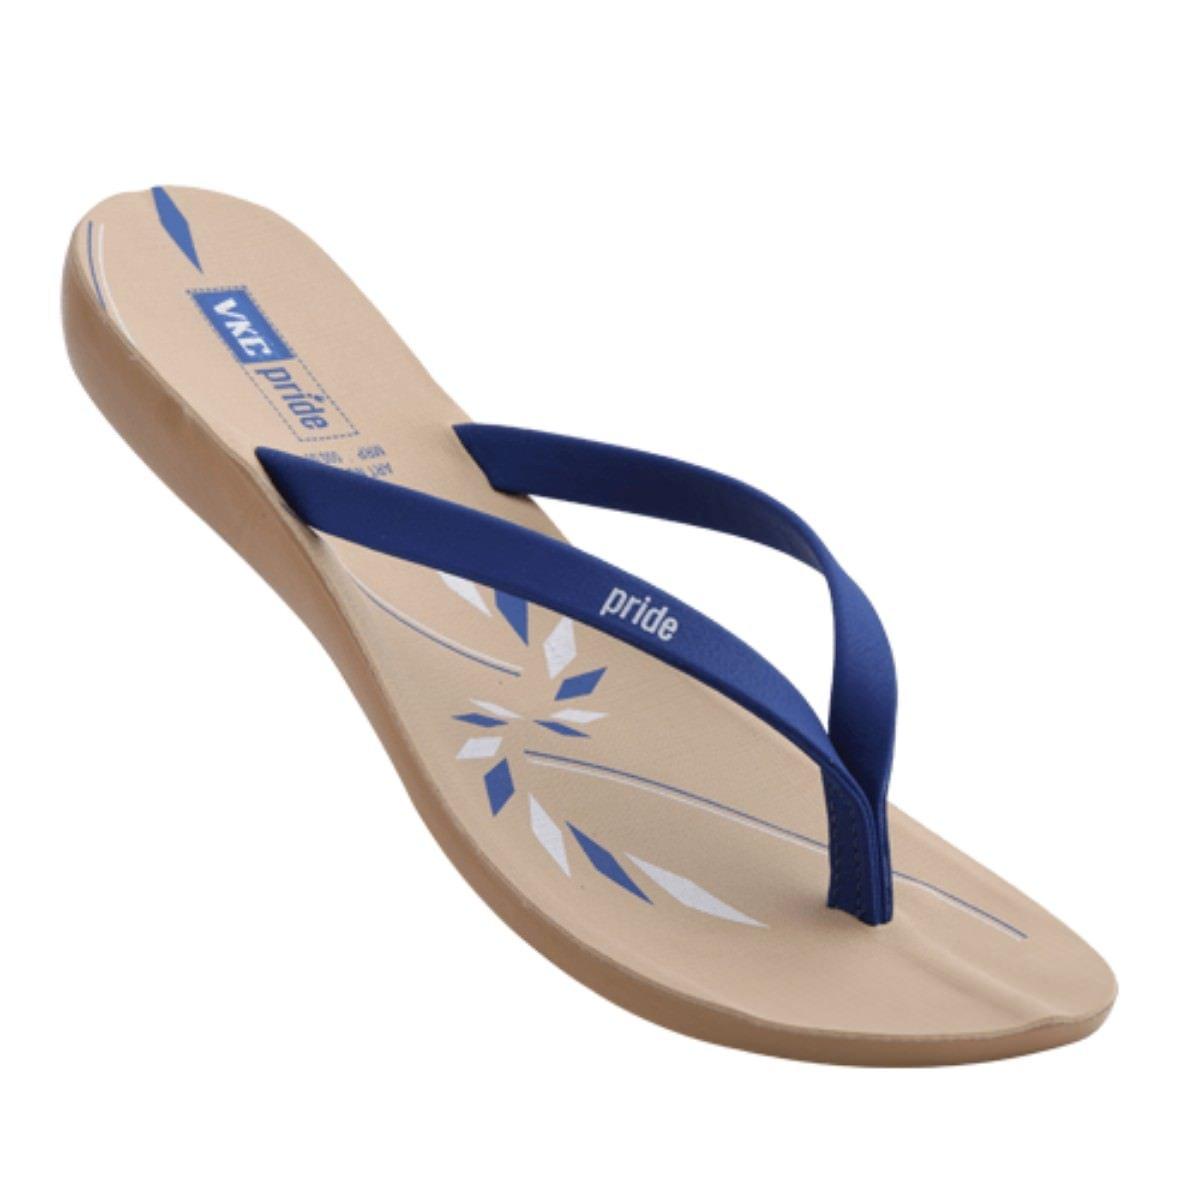 vkc slippers cheap online